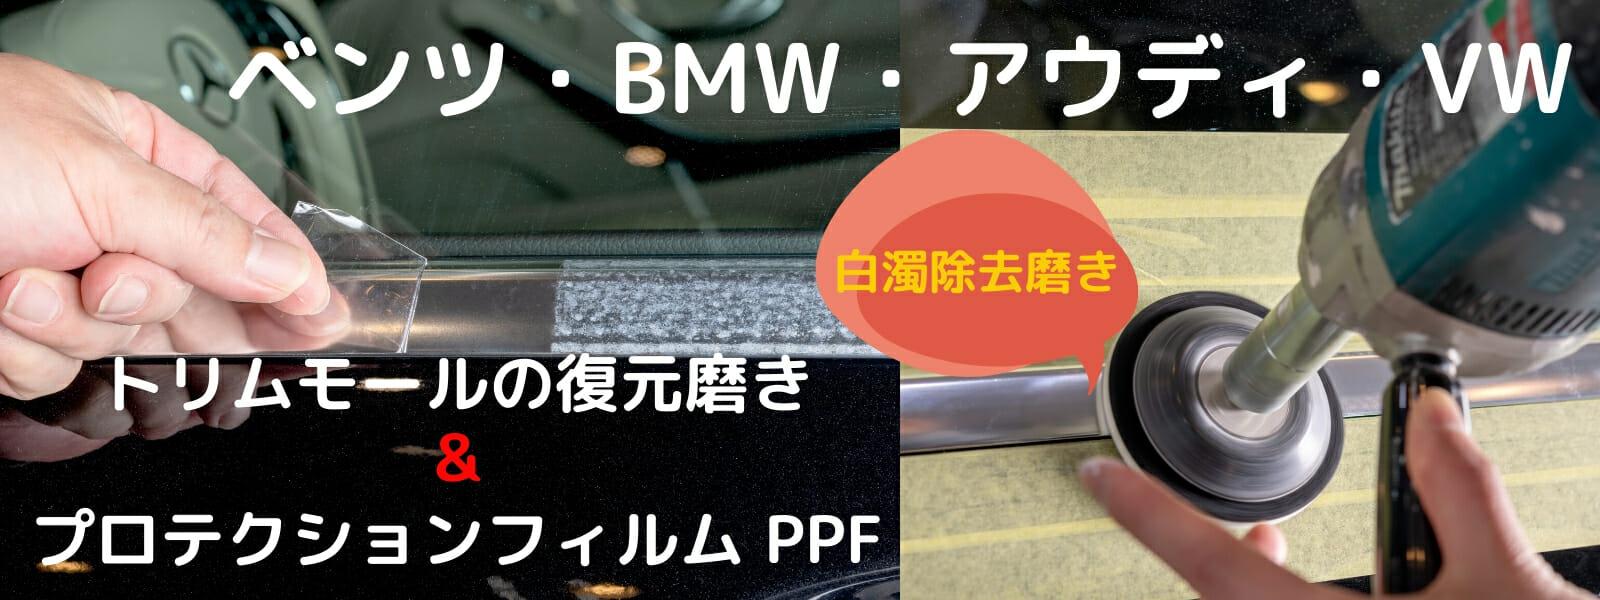 欧州車のトリムモール(アルミモール)の復元磨きと保護プロテクションフィルム施工 PPF